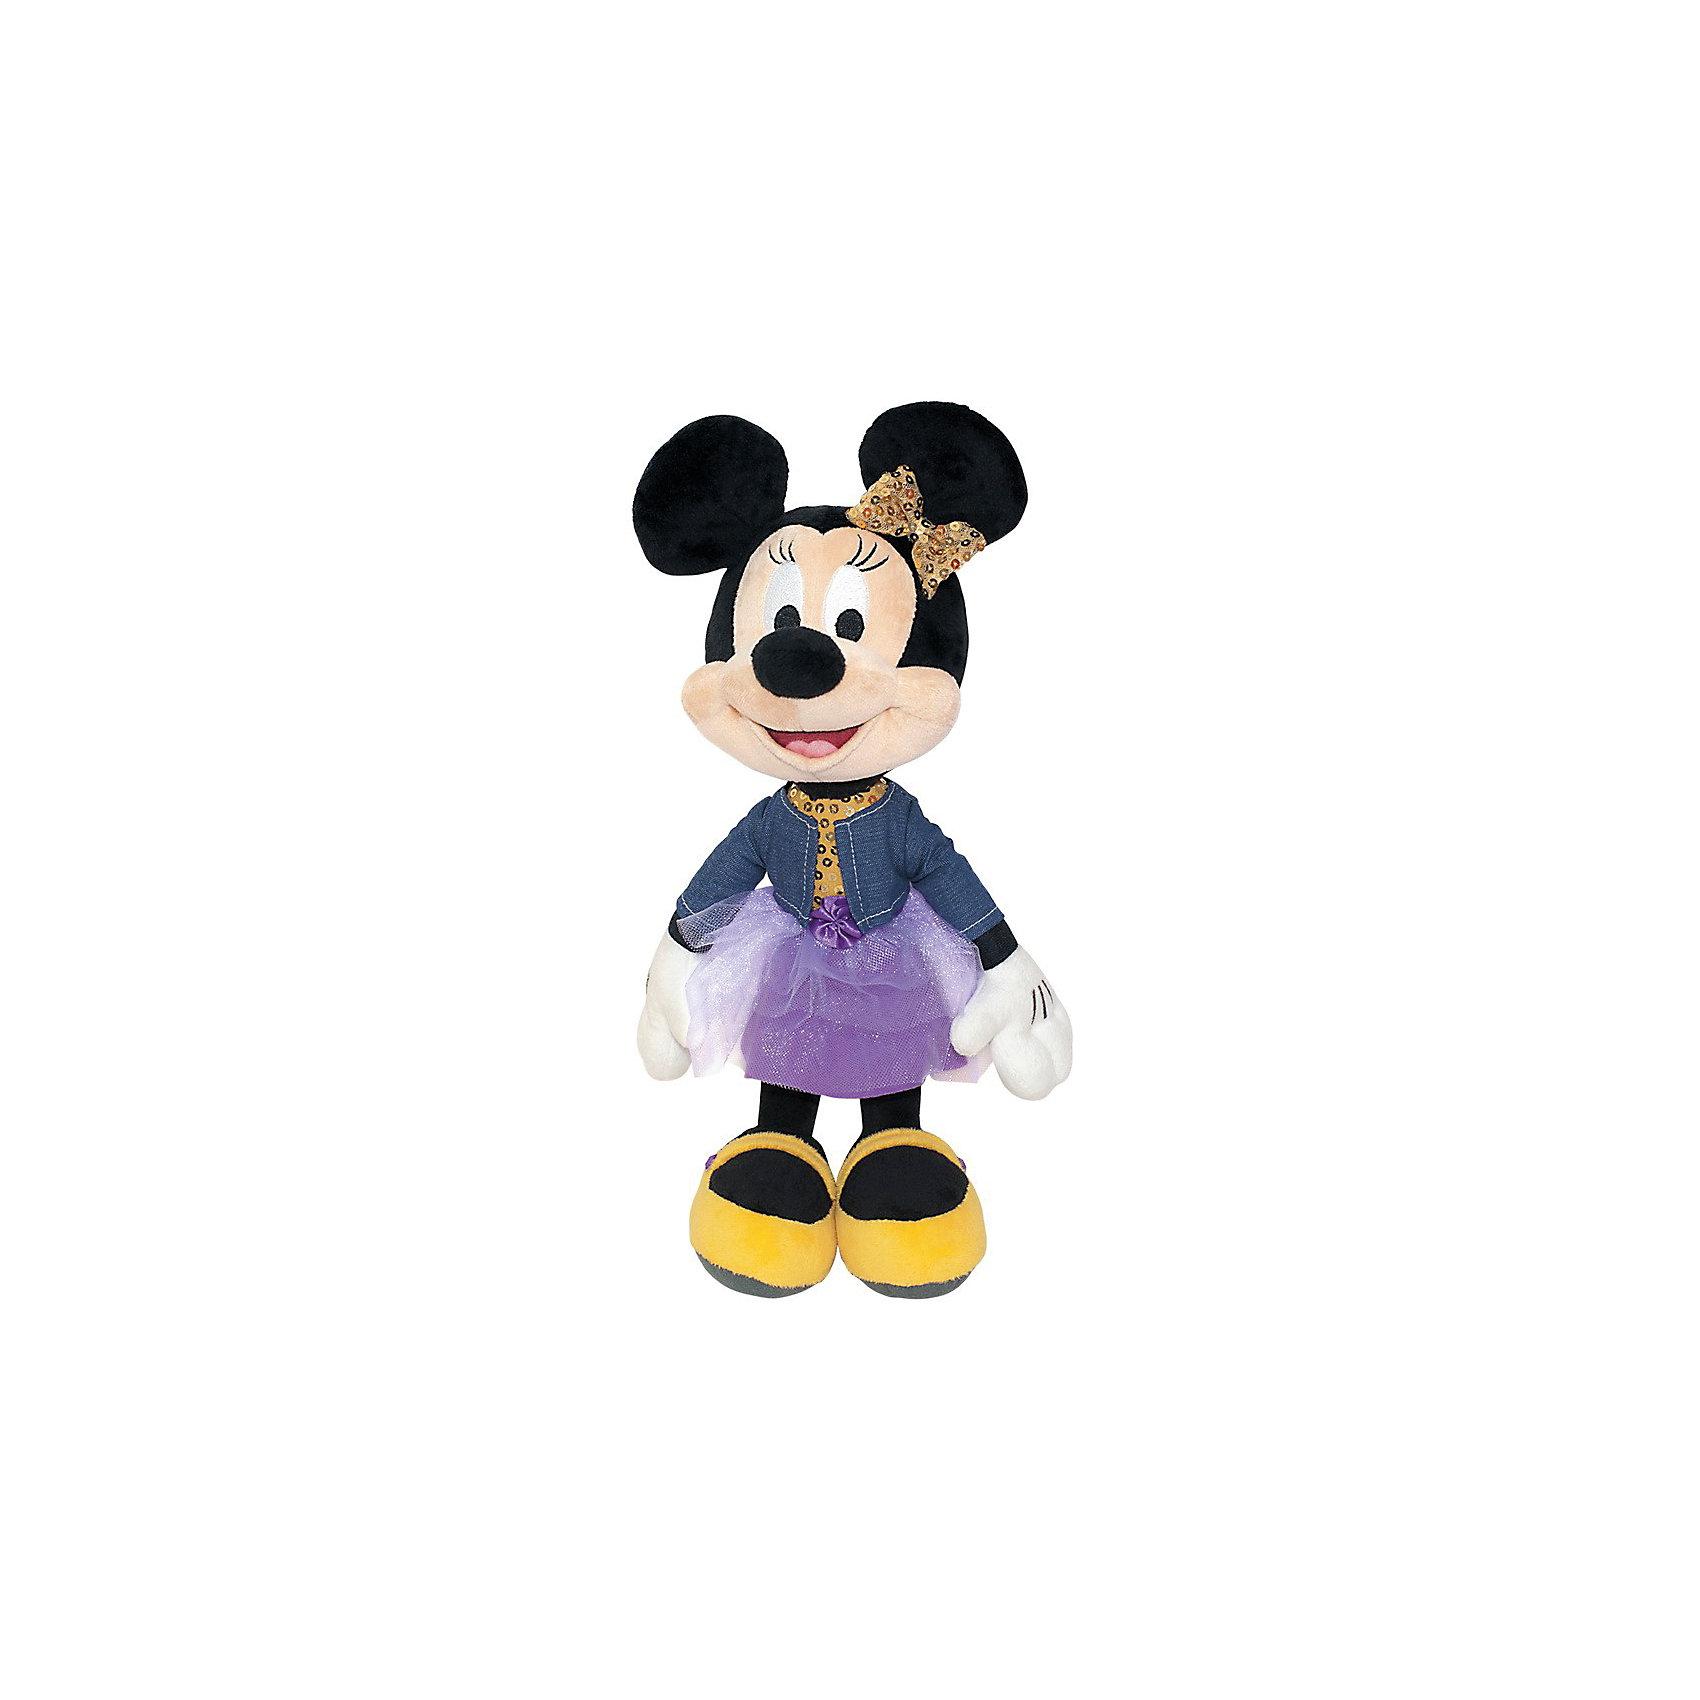 Мягкая игрушка Минни Маус, Dream makersЛюбимые герои<br>Характеристики:<br><br>• высота игрушки: 25 см;<br>• особенности: звуковые эффекты;<br>• материал: плюш, текстиль, синтетический наполнитель. <br><br>Мягкая мышка Минни Маус говорит фразы из мультфильма. Улыбчивая героиня Дисней одета в джинсовый жакет и пышную юбочку. С мышкой можно играть и даже «общаться».<br><br>Мягкую игрушку Минни Маус, Dream makers можно купить в нашем магазине.<br><br>Ширина мм: 150<br>Глубина мм: 190<br>Высота мм: 250<br>Вес г: 320<br>Возраст от месяцев: 36<br>Возраст до месяцев: 2147483647<br>Пол: Женский<br>Возраст: Детский<br>SKU: 5268984